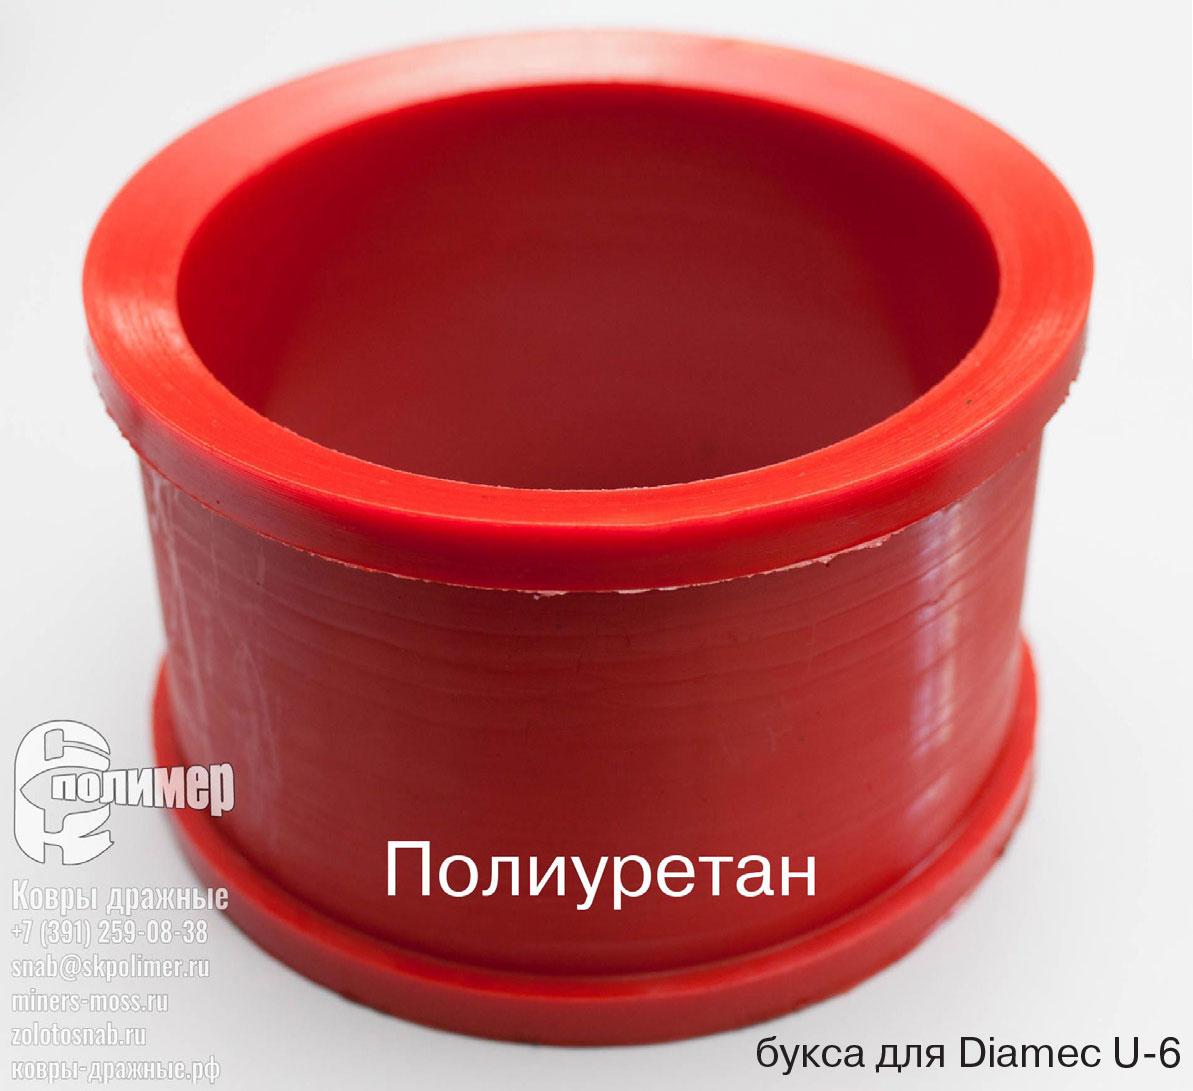 букса diamec U-6